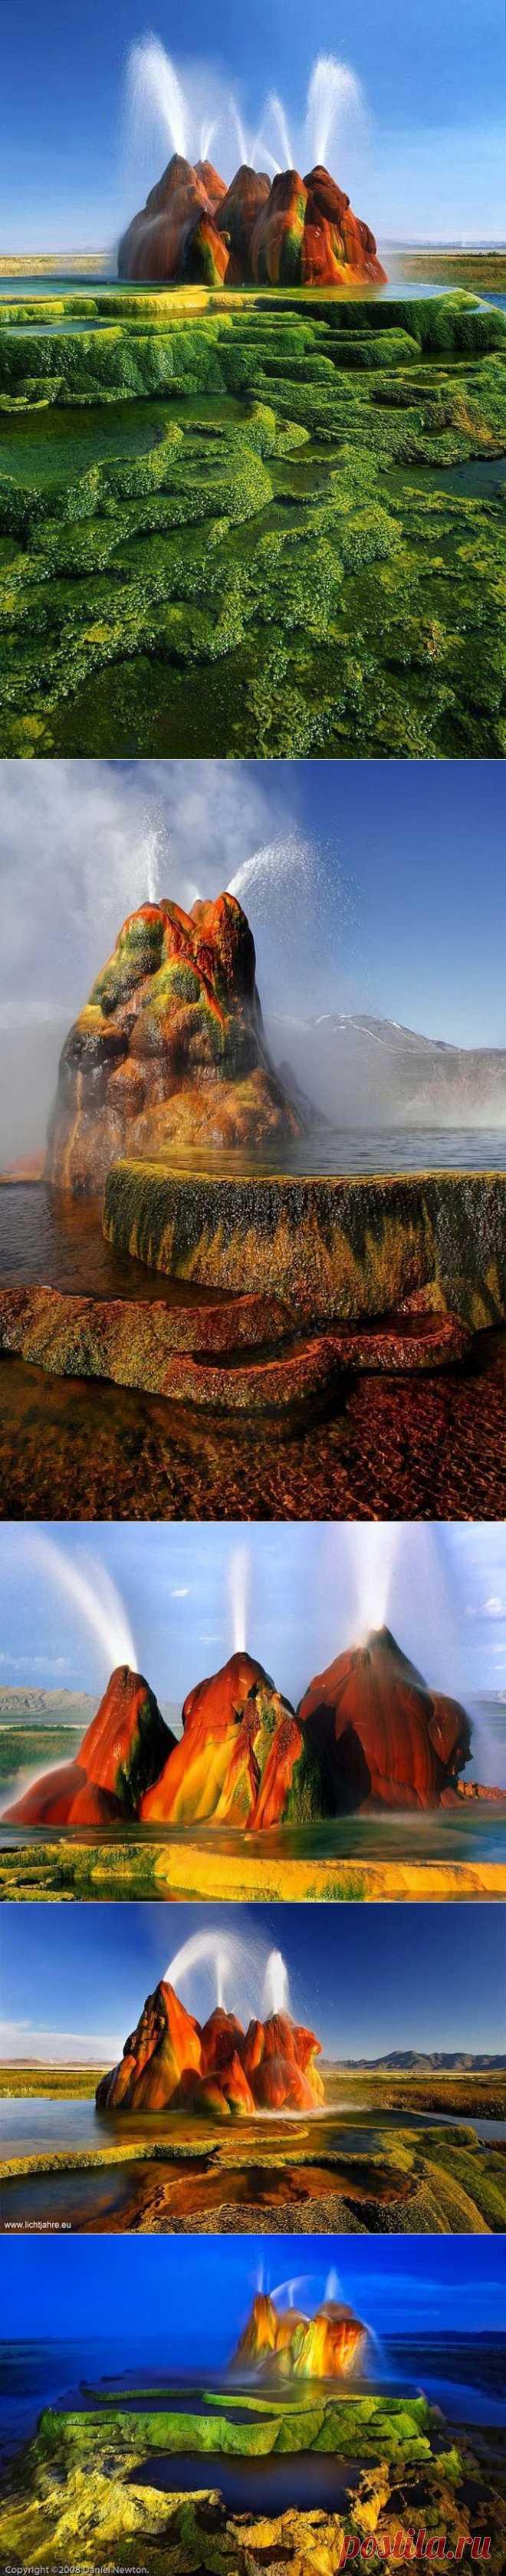 Гейзер Флай - чудо природы | В мире интересного